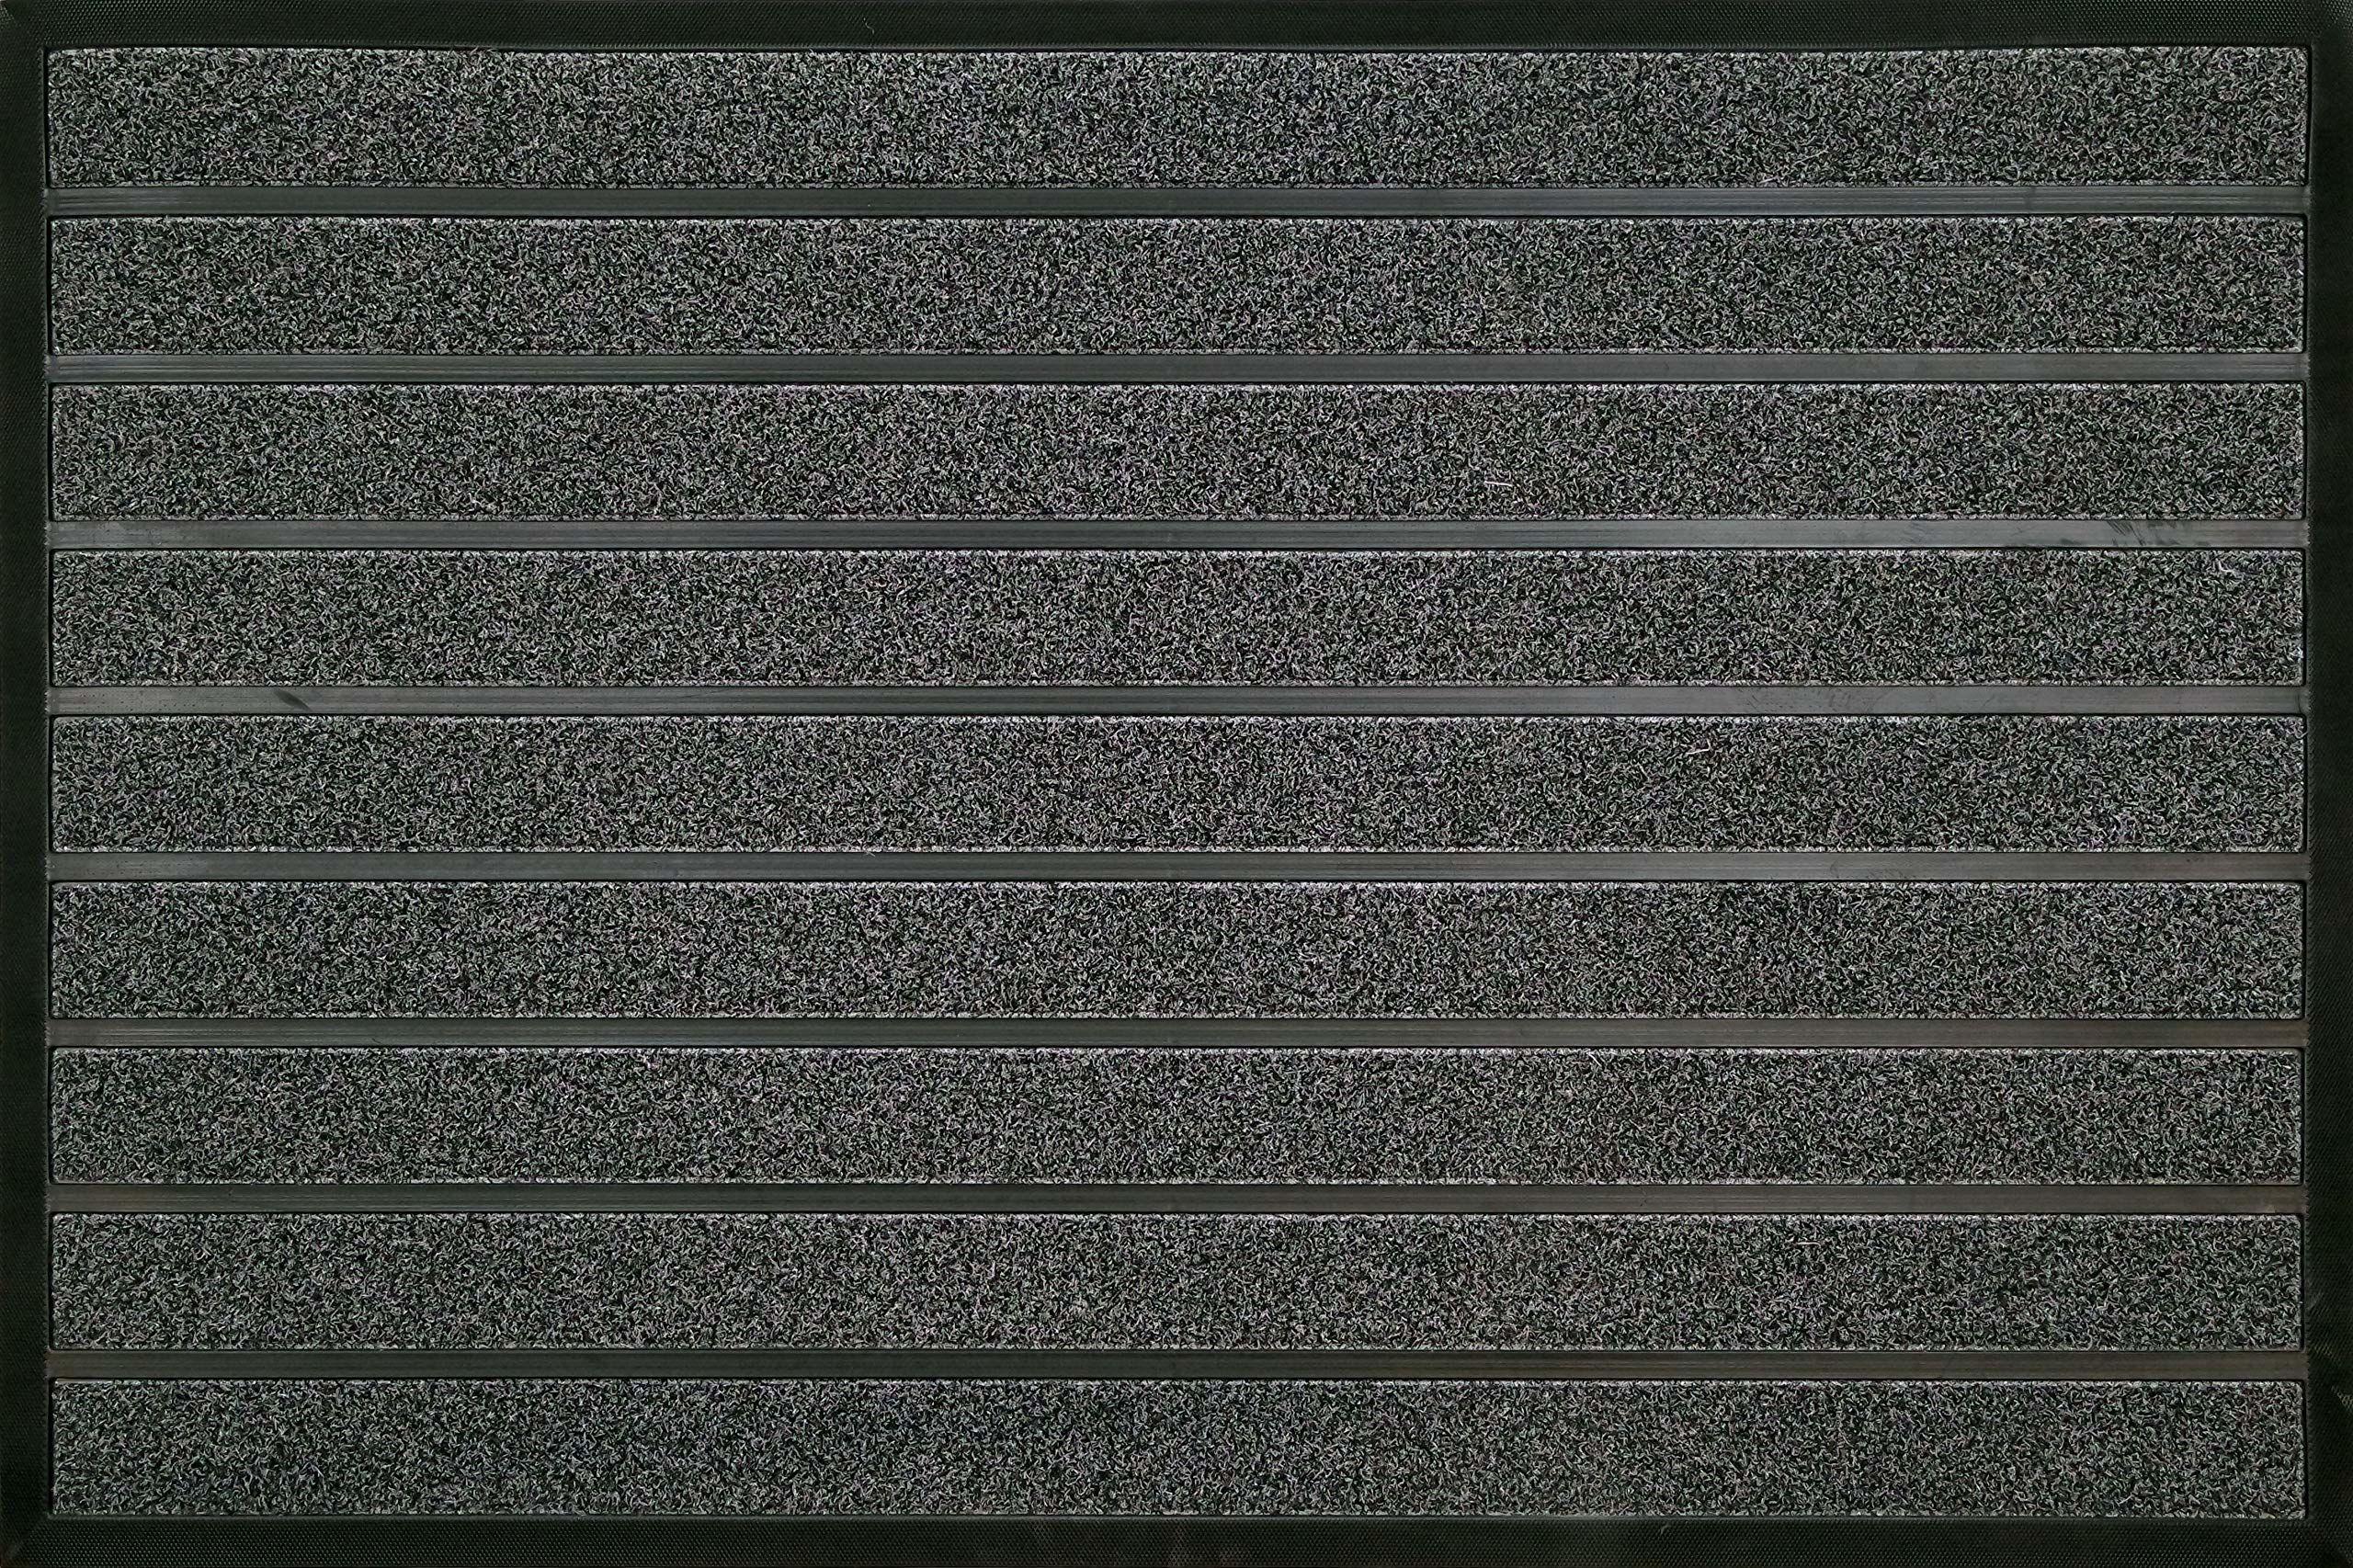 ID matowy pędzel Combi Brush, włókna syntetyczne, szary, 80 x 120 x 0,6 cm